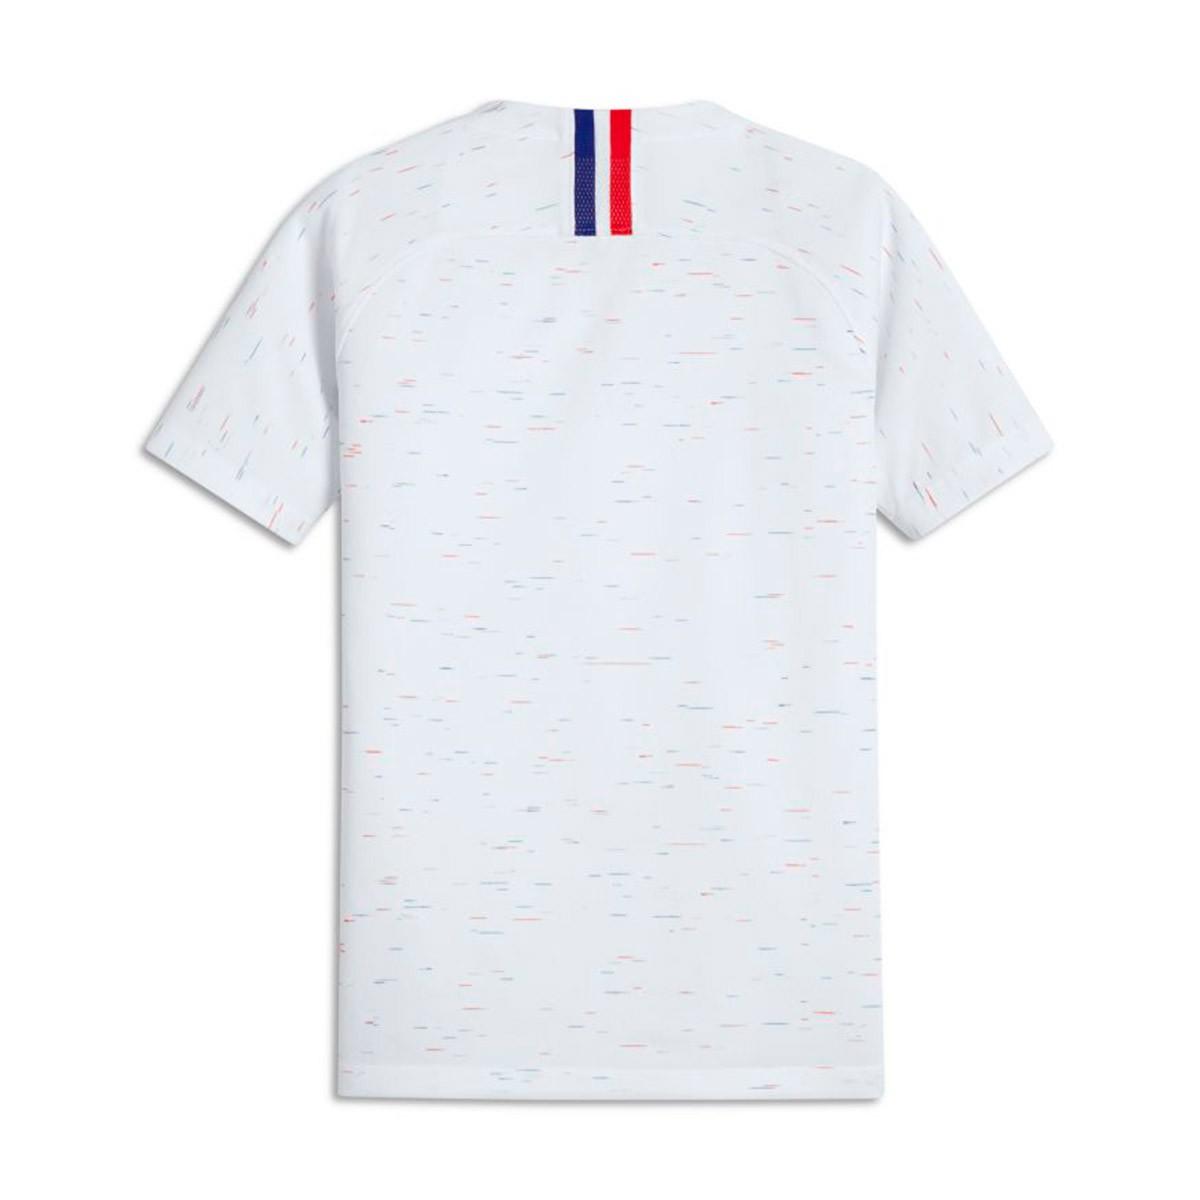 ... Camiseta Francia Breathe Stadium Segunda Equipación 2018-2019 Niño  White-Obsidian. Categorías de la Camiseta 038b658f1e447